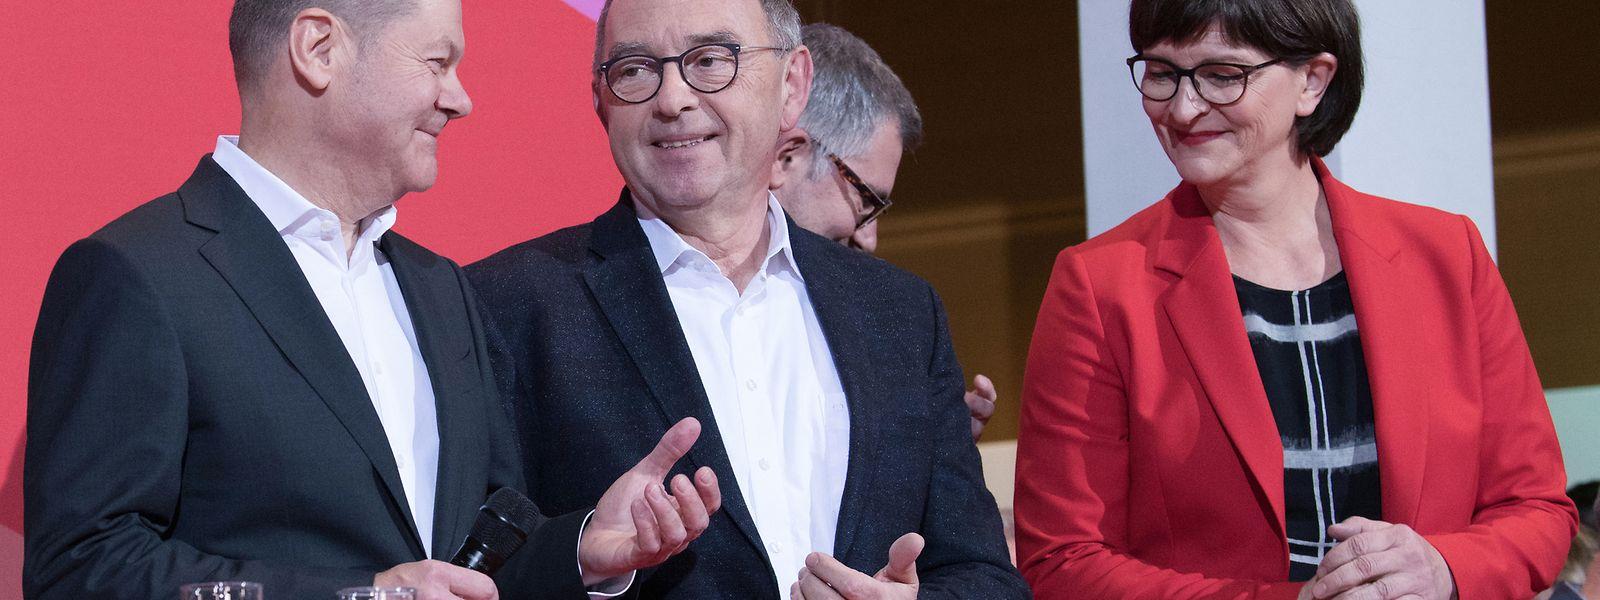 Der deutsche Finanzminister Olaf Scholz (links) gratuliert seinen Kontrahenten Norbert Walter-Borjans und Saskia Esken zu ihrem Sieg beim Kampf um die Parteispitze.